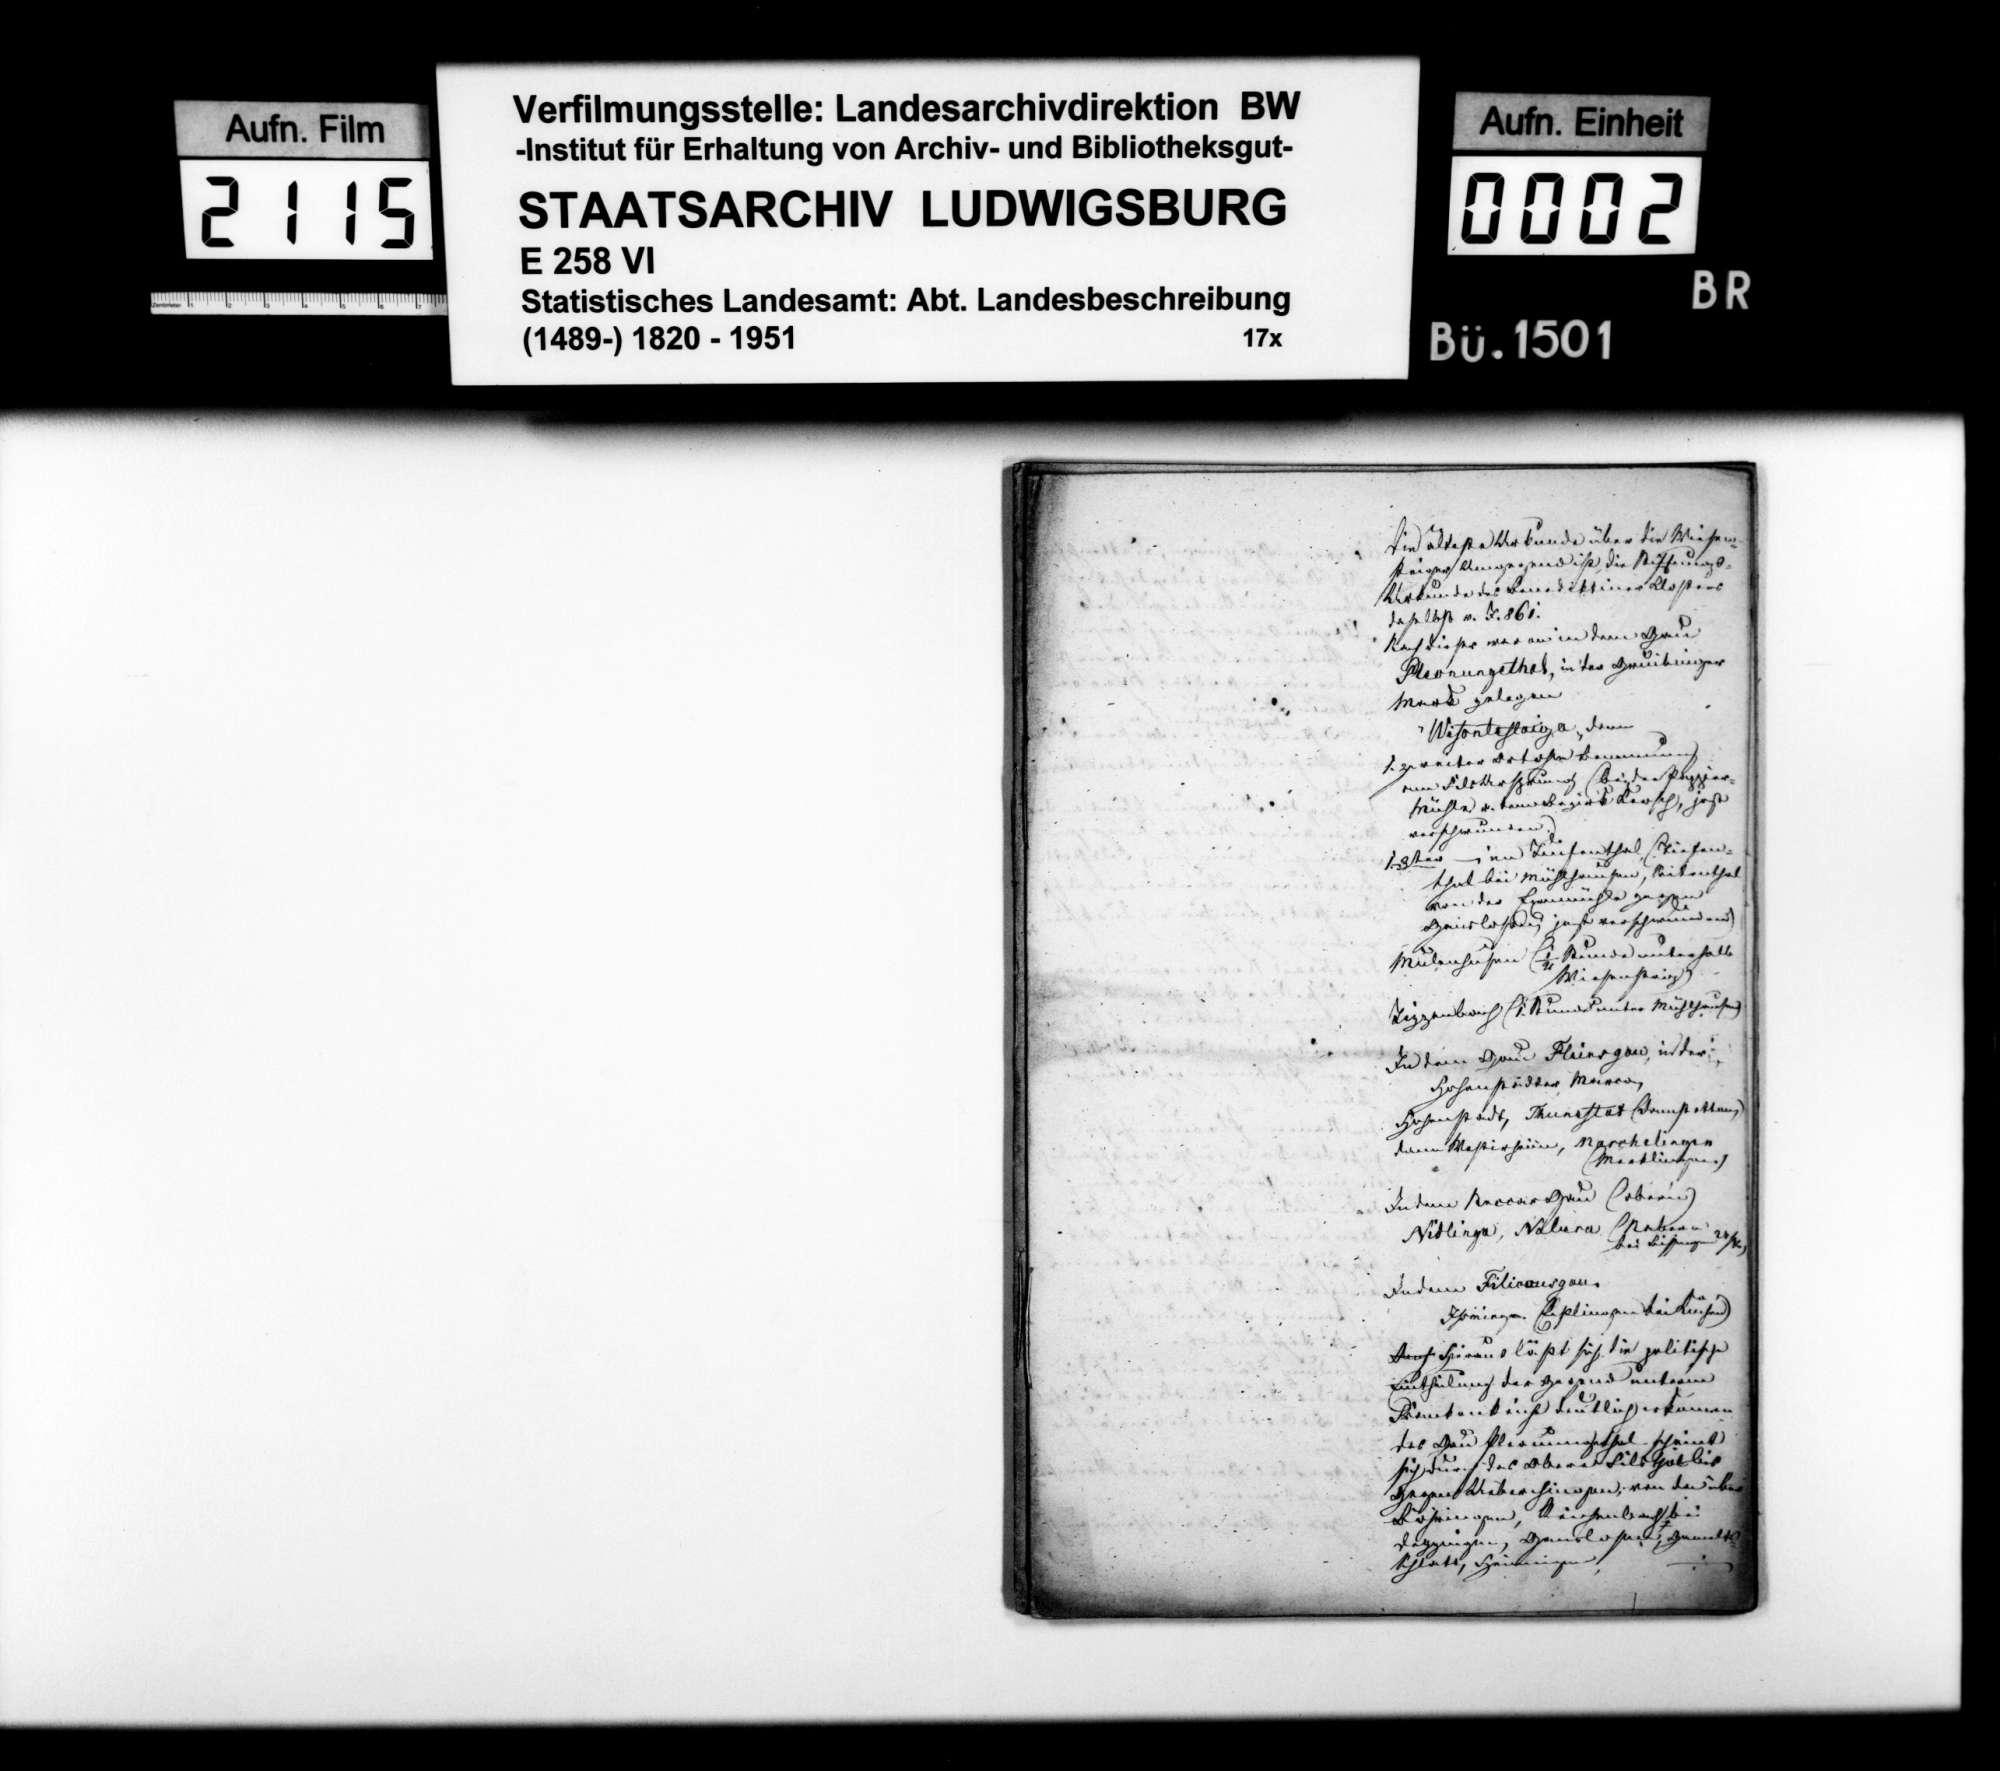 Beschreibung des Gebiets der vormaligen Herrschaft Wiesensteig durch den Steuerkommissär Steinheil, gewesenen Kameralamtsbuchhalter in Wiesensteig, Bild 1